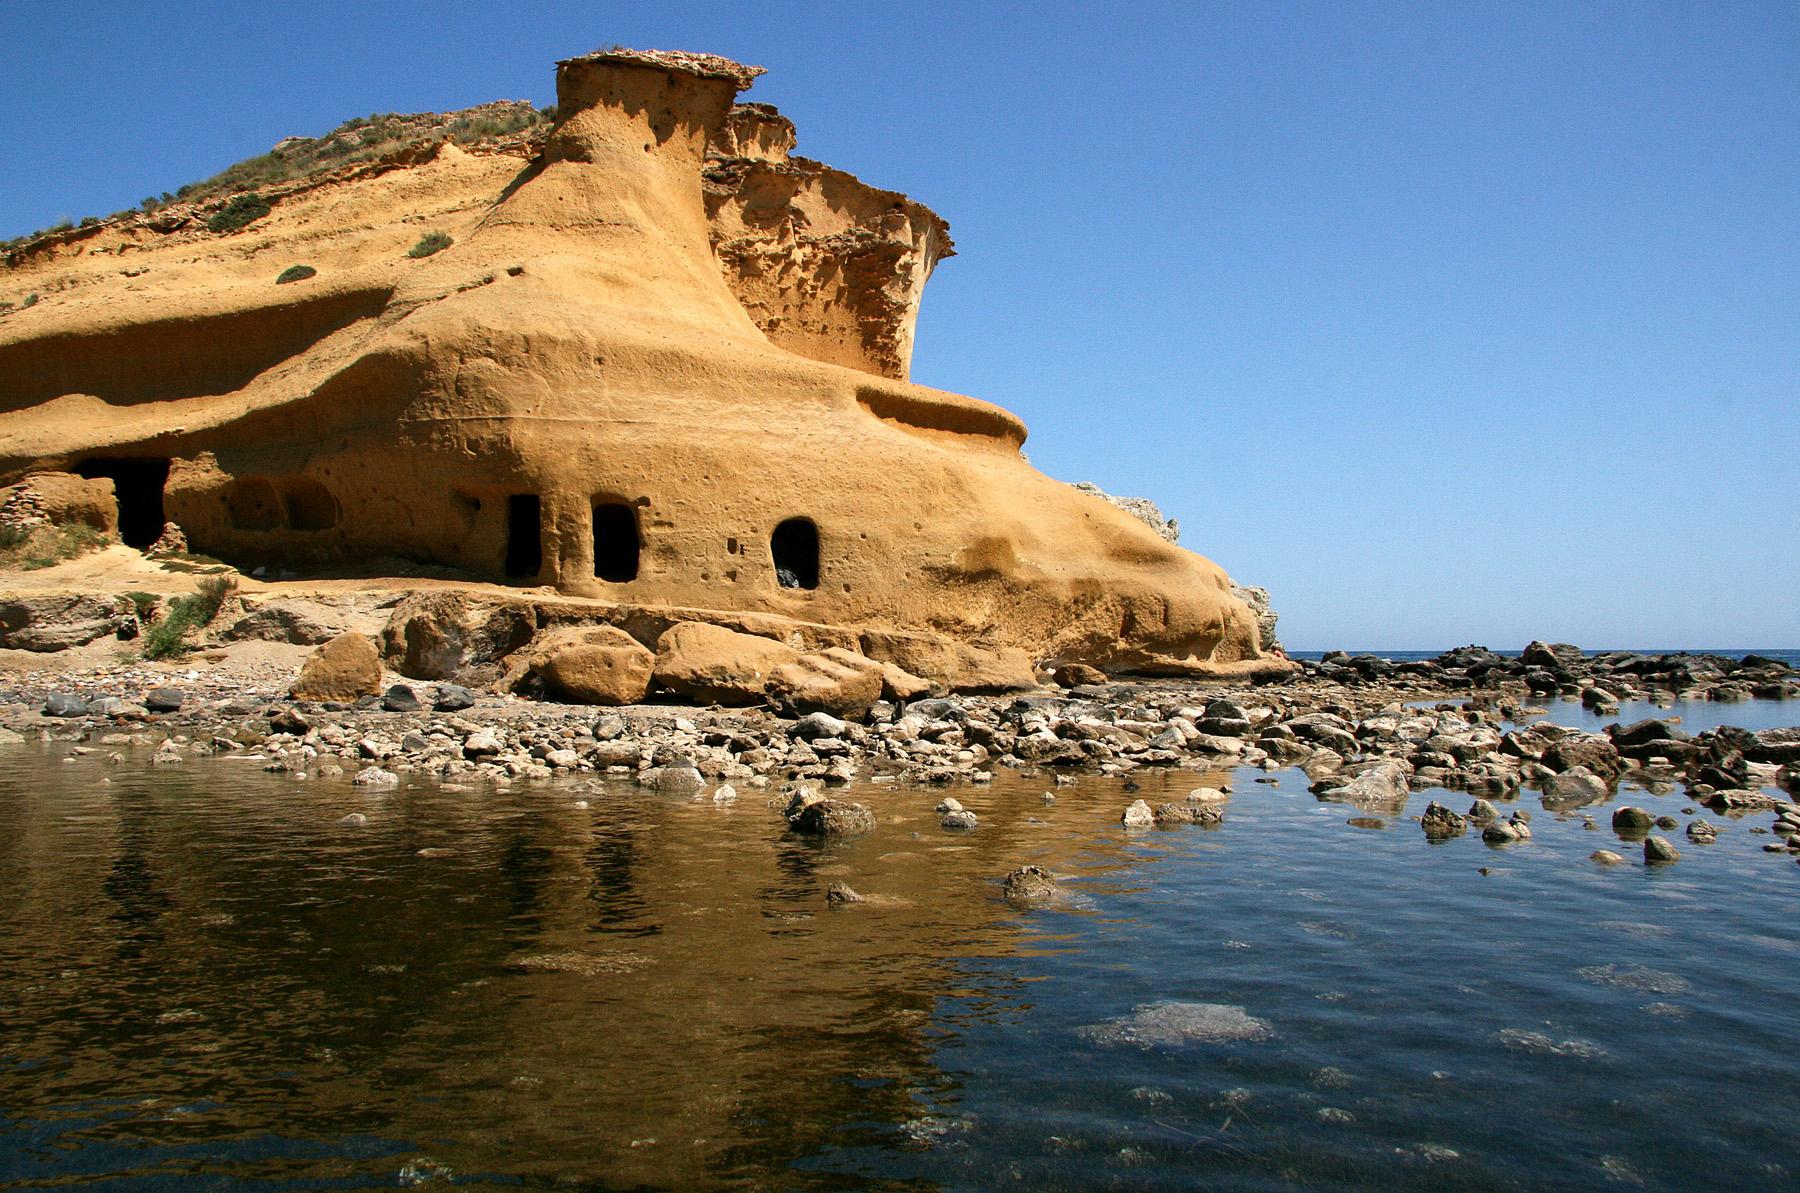 Playa Cala del Sarchal